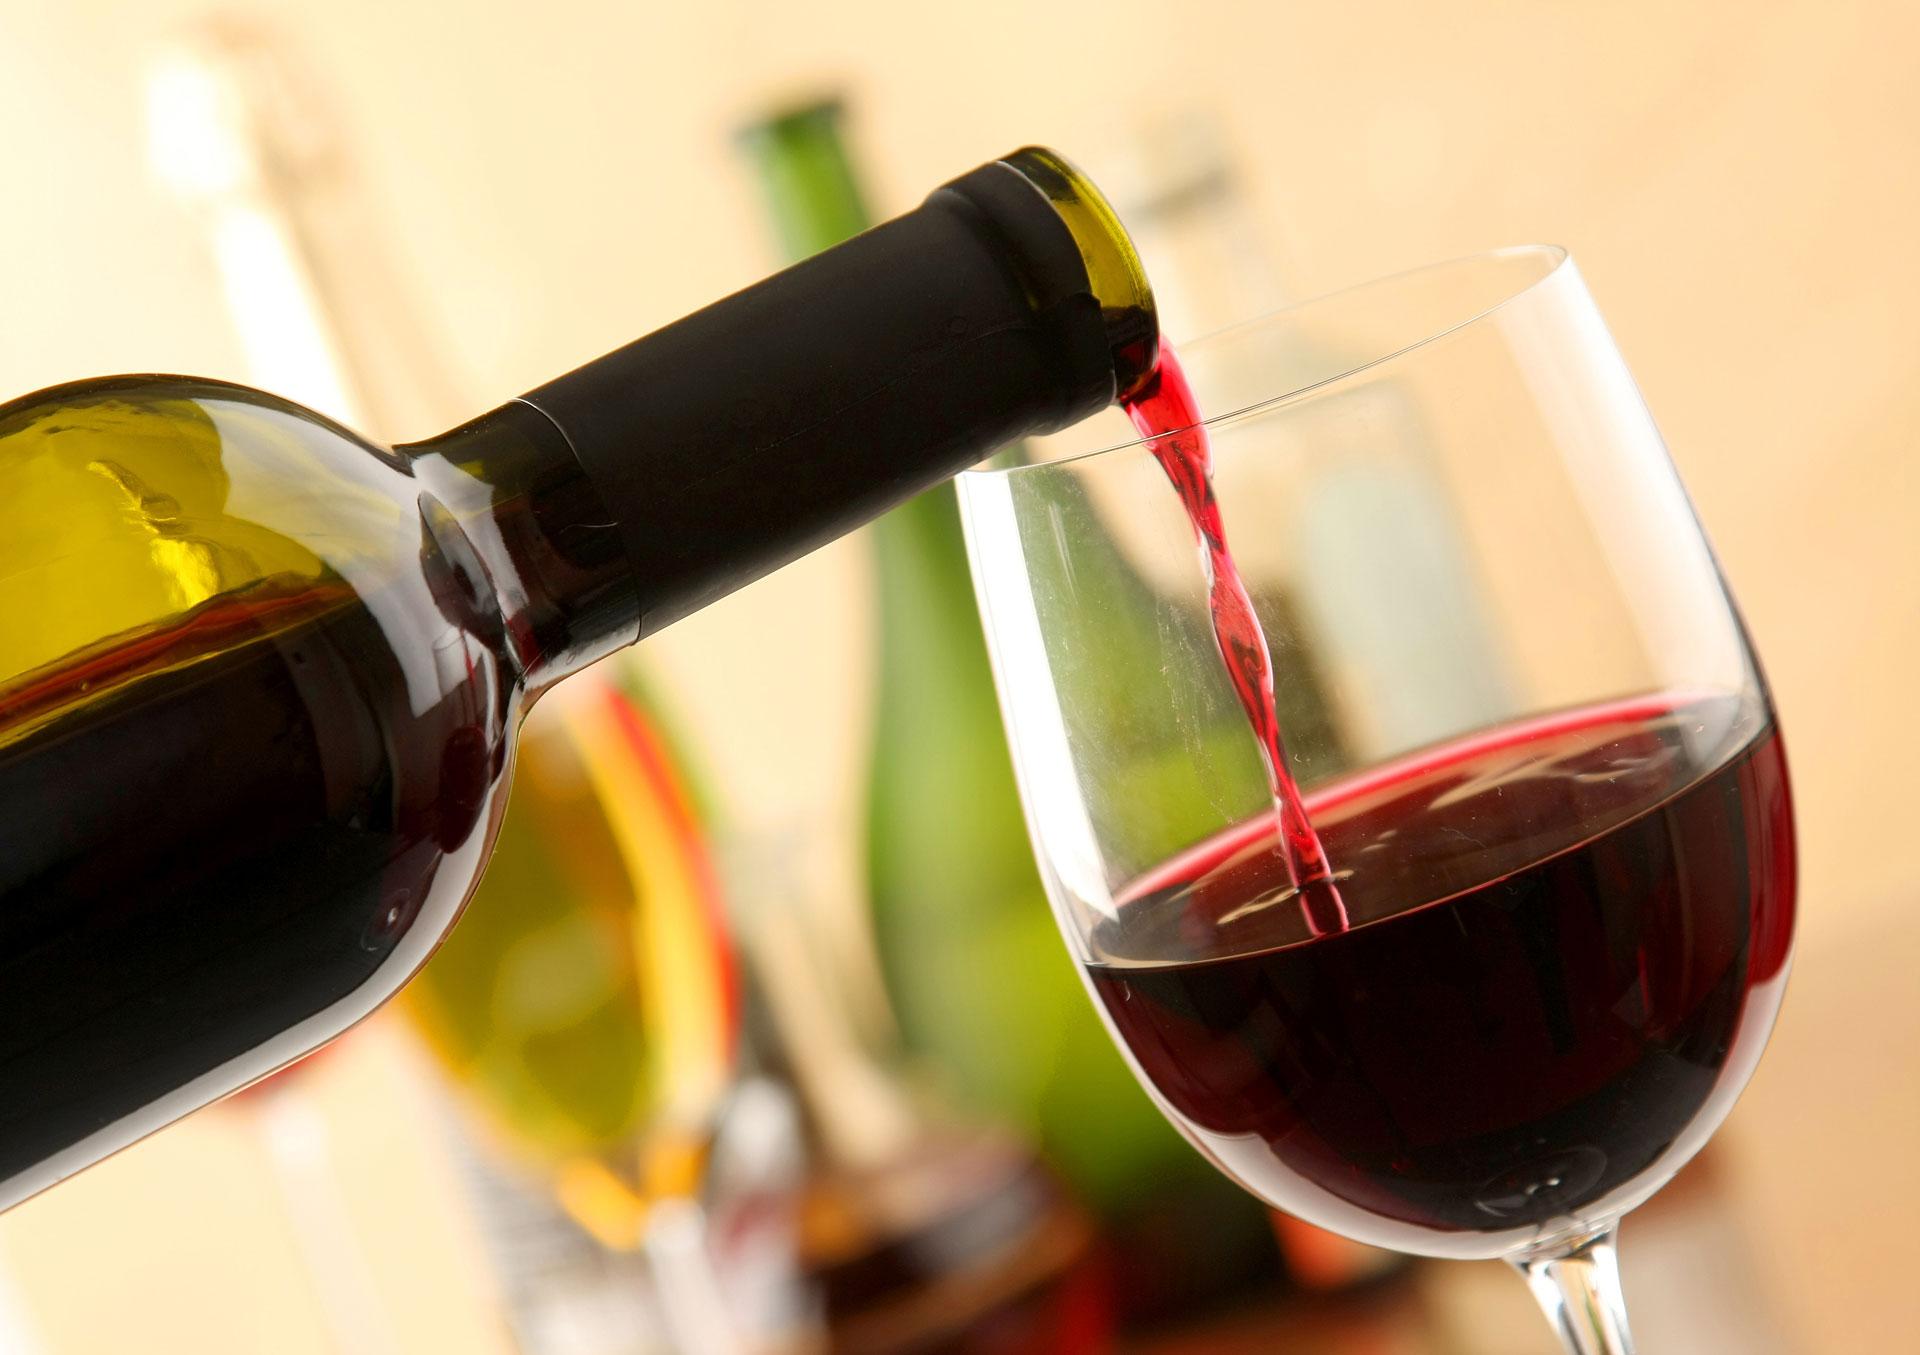 Картинки с винами